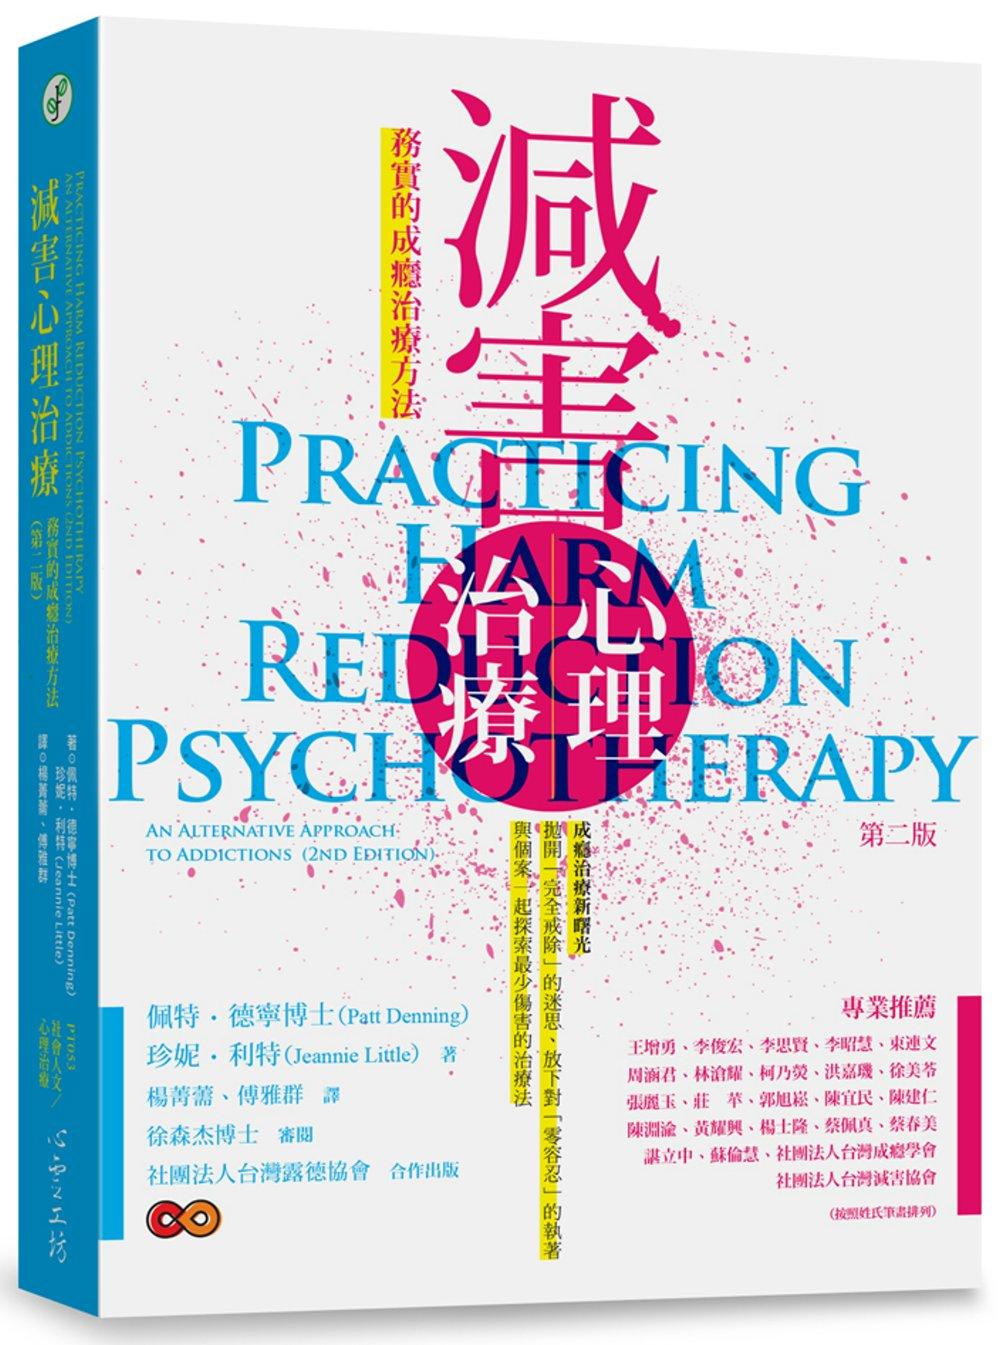 減害心理治療:務實的成癮治療方...